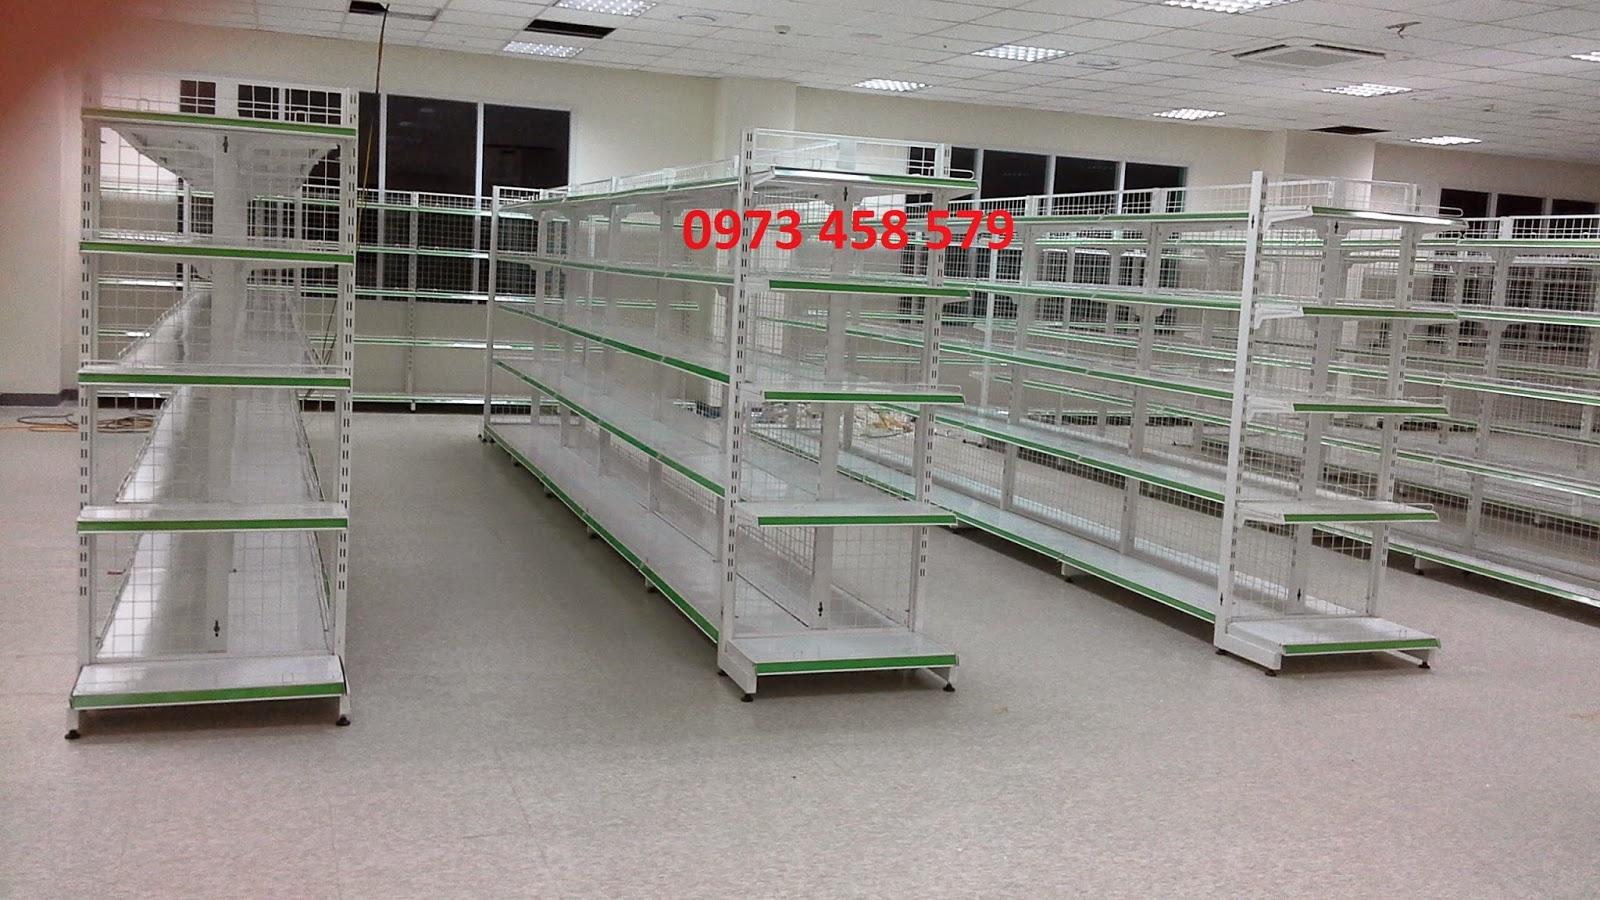 kệ siêu thị bán hàng